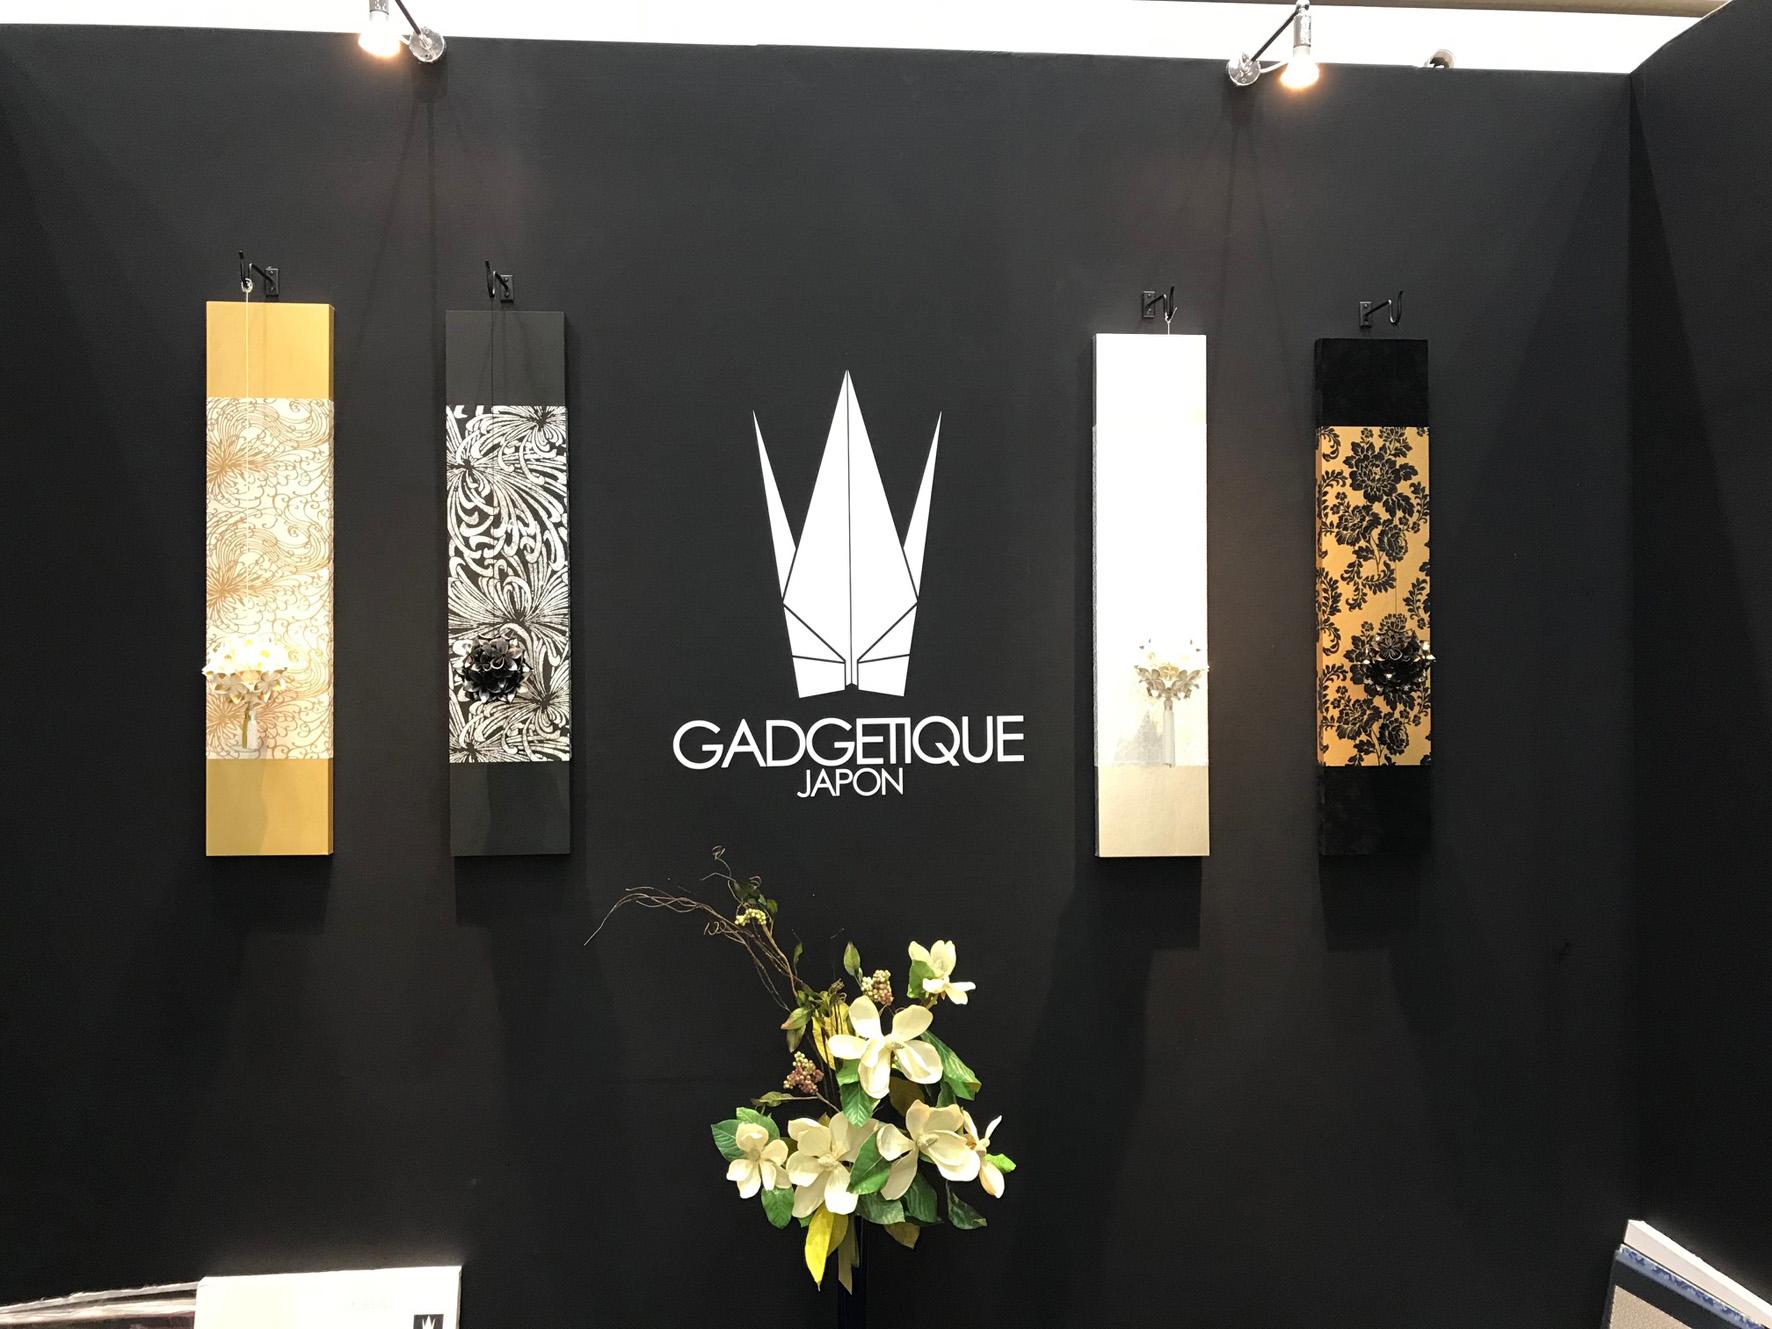 店舗デザイン インテリアデザイン shopdesign interiordesign 横浜 東京